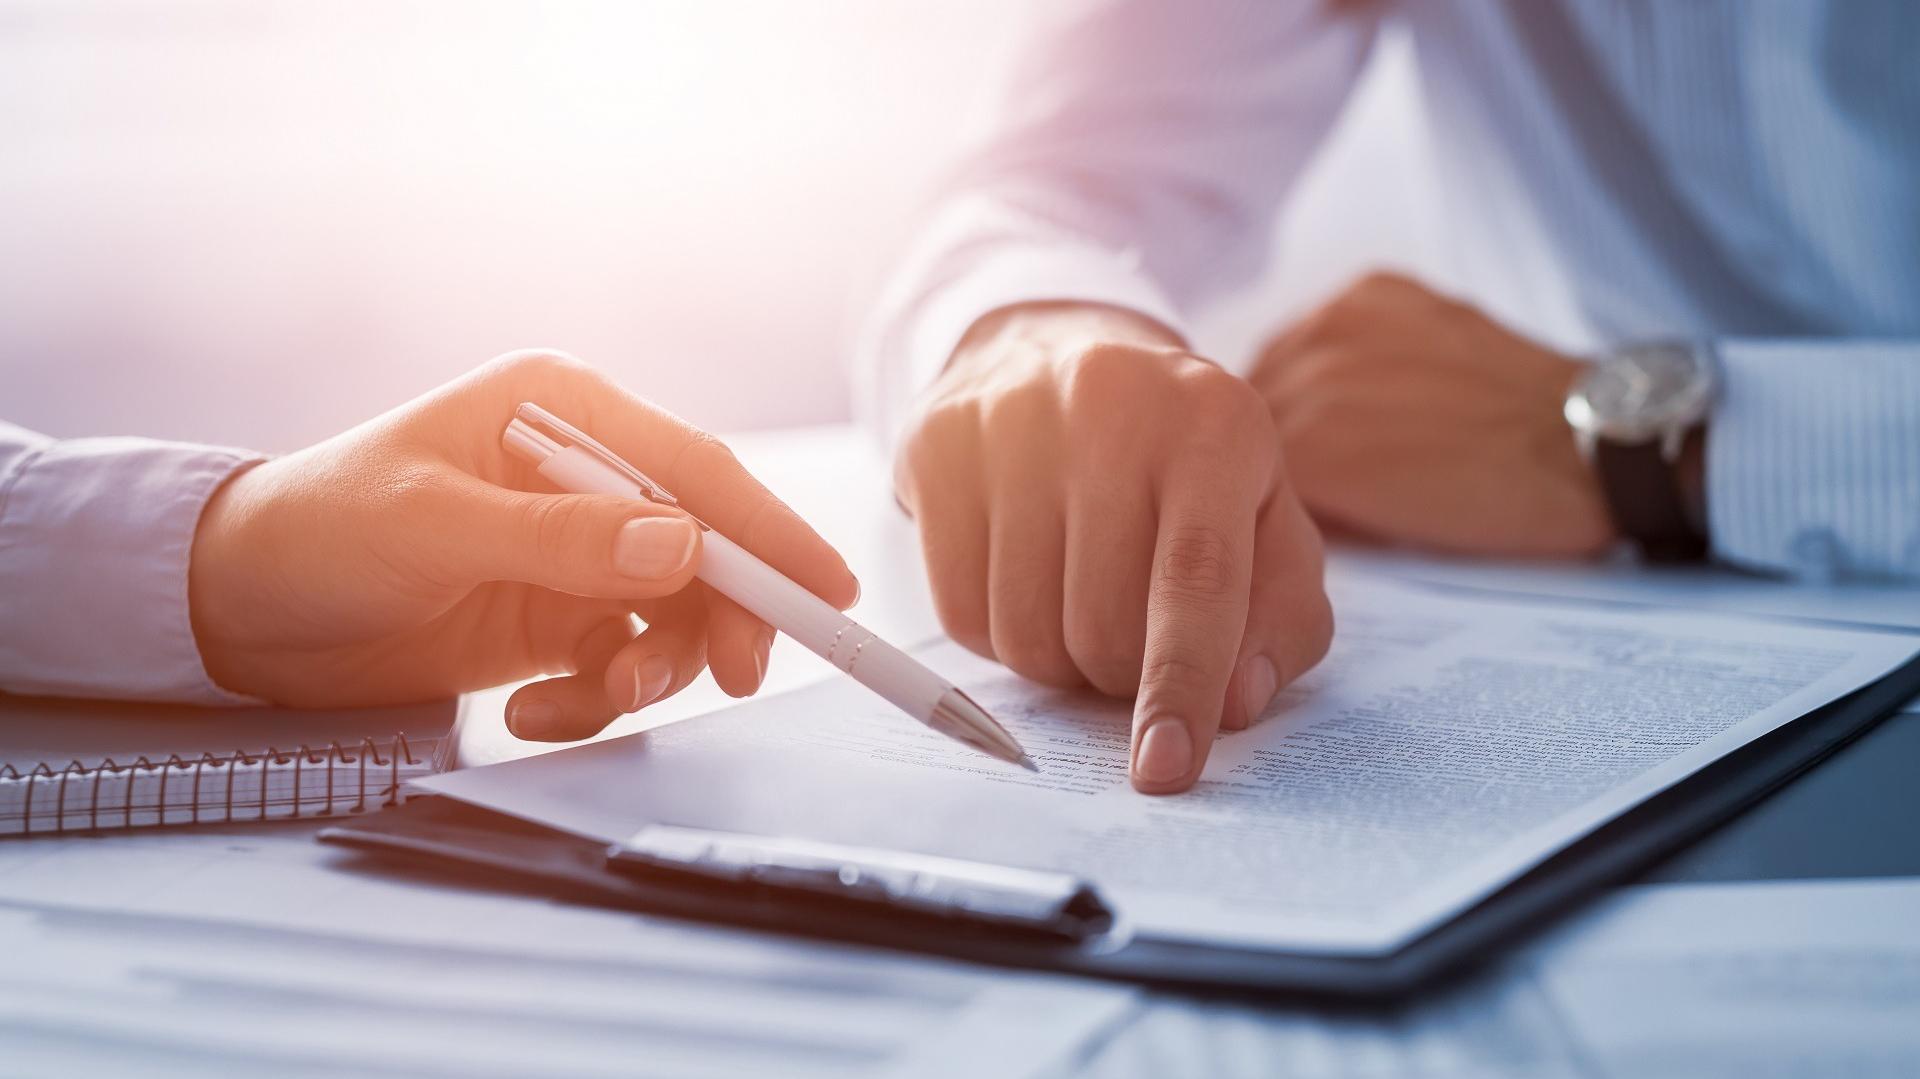 ROC-ECLERC-PREVOYANCE-Dossier-Prevoyance-obseques-ou-assurance-deces